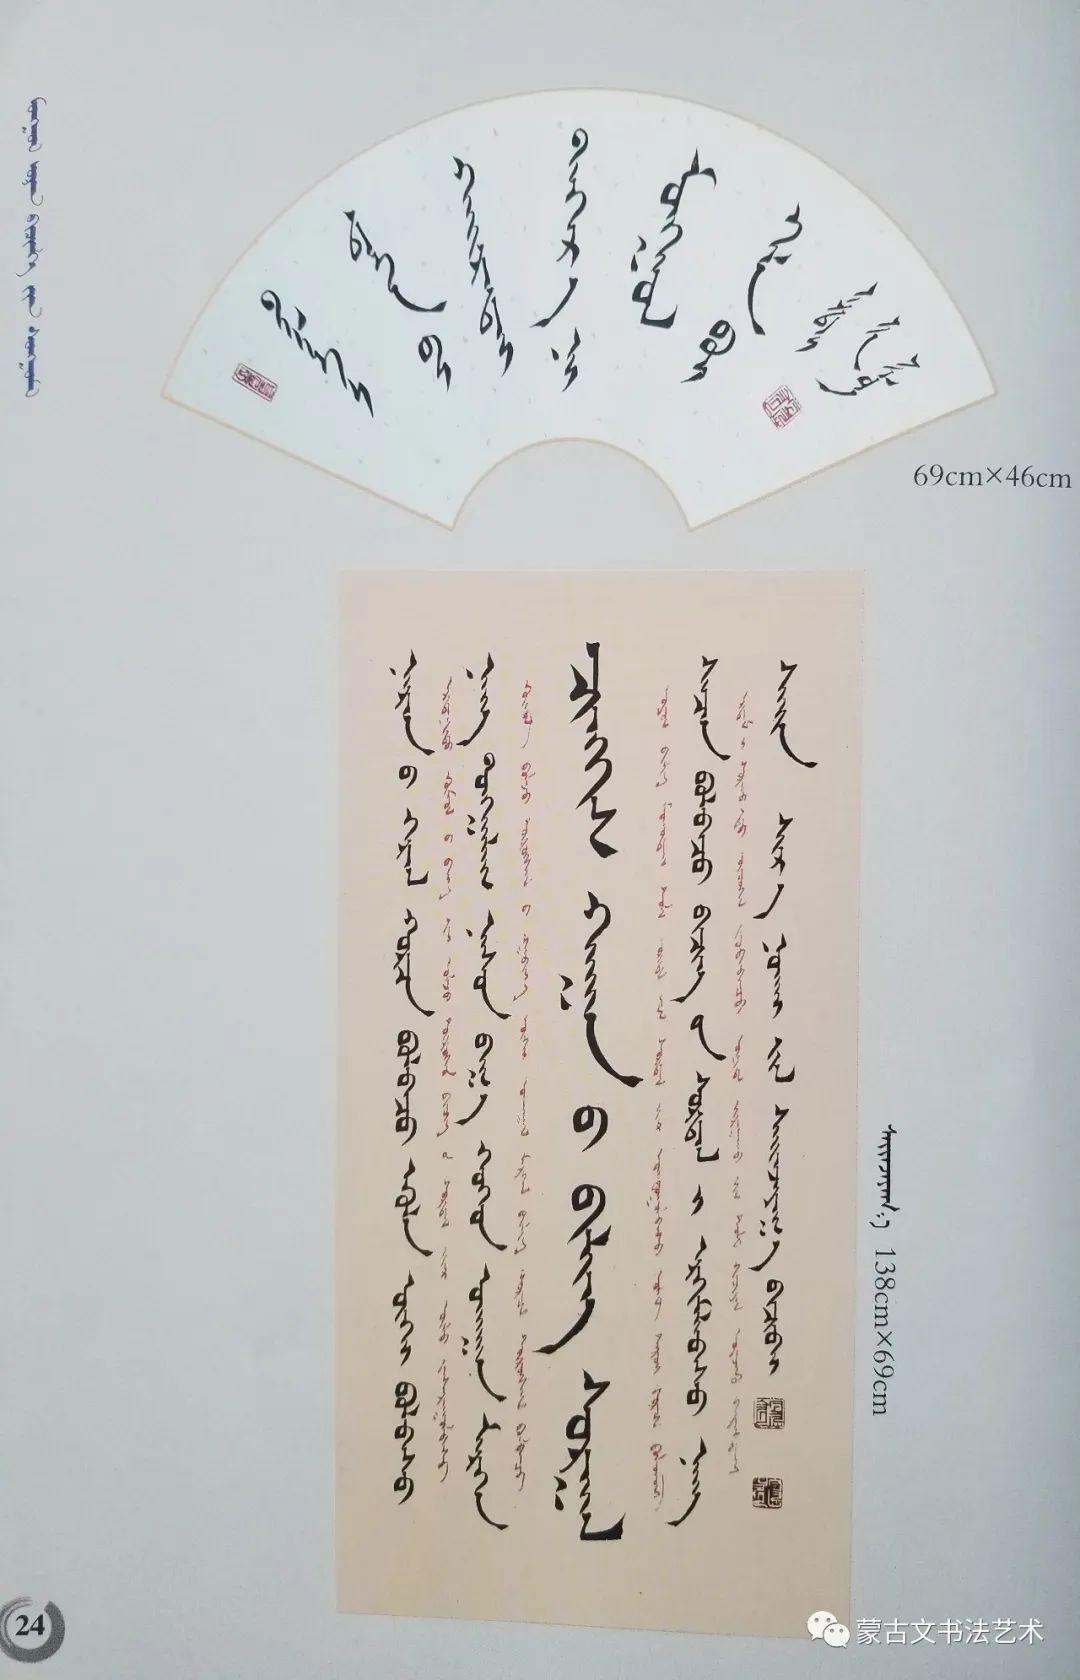 蒙古文书法作品集 第16张 蒙古文书法作品集 蒙古书法